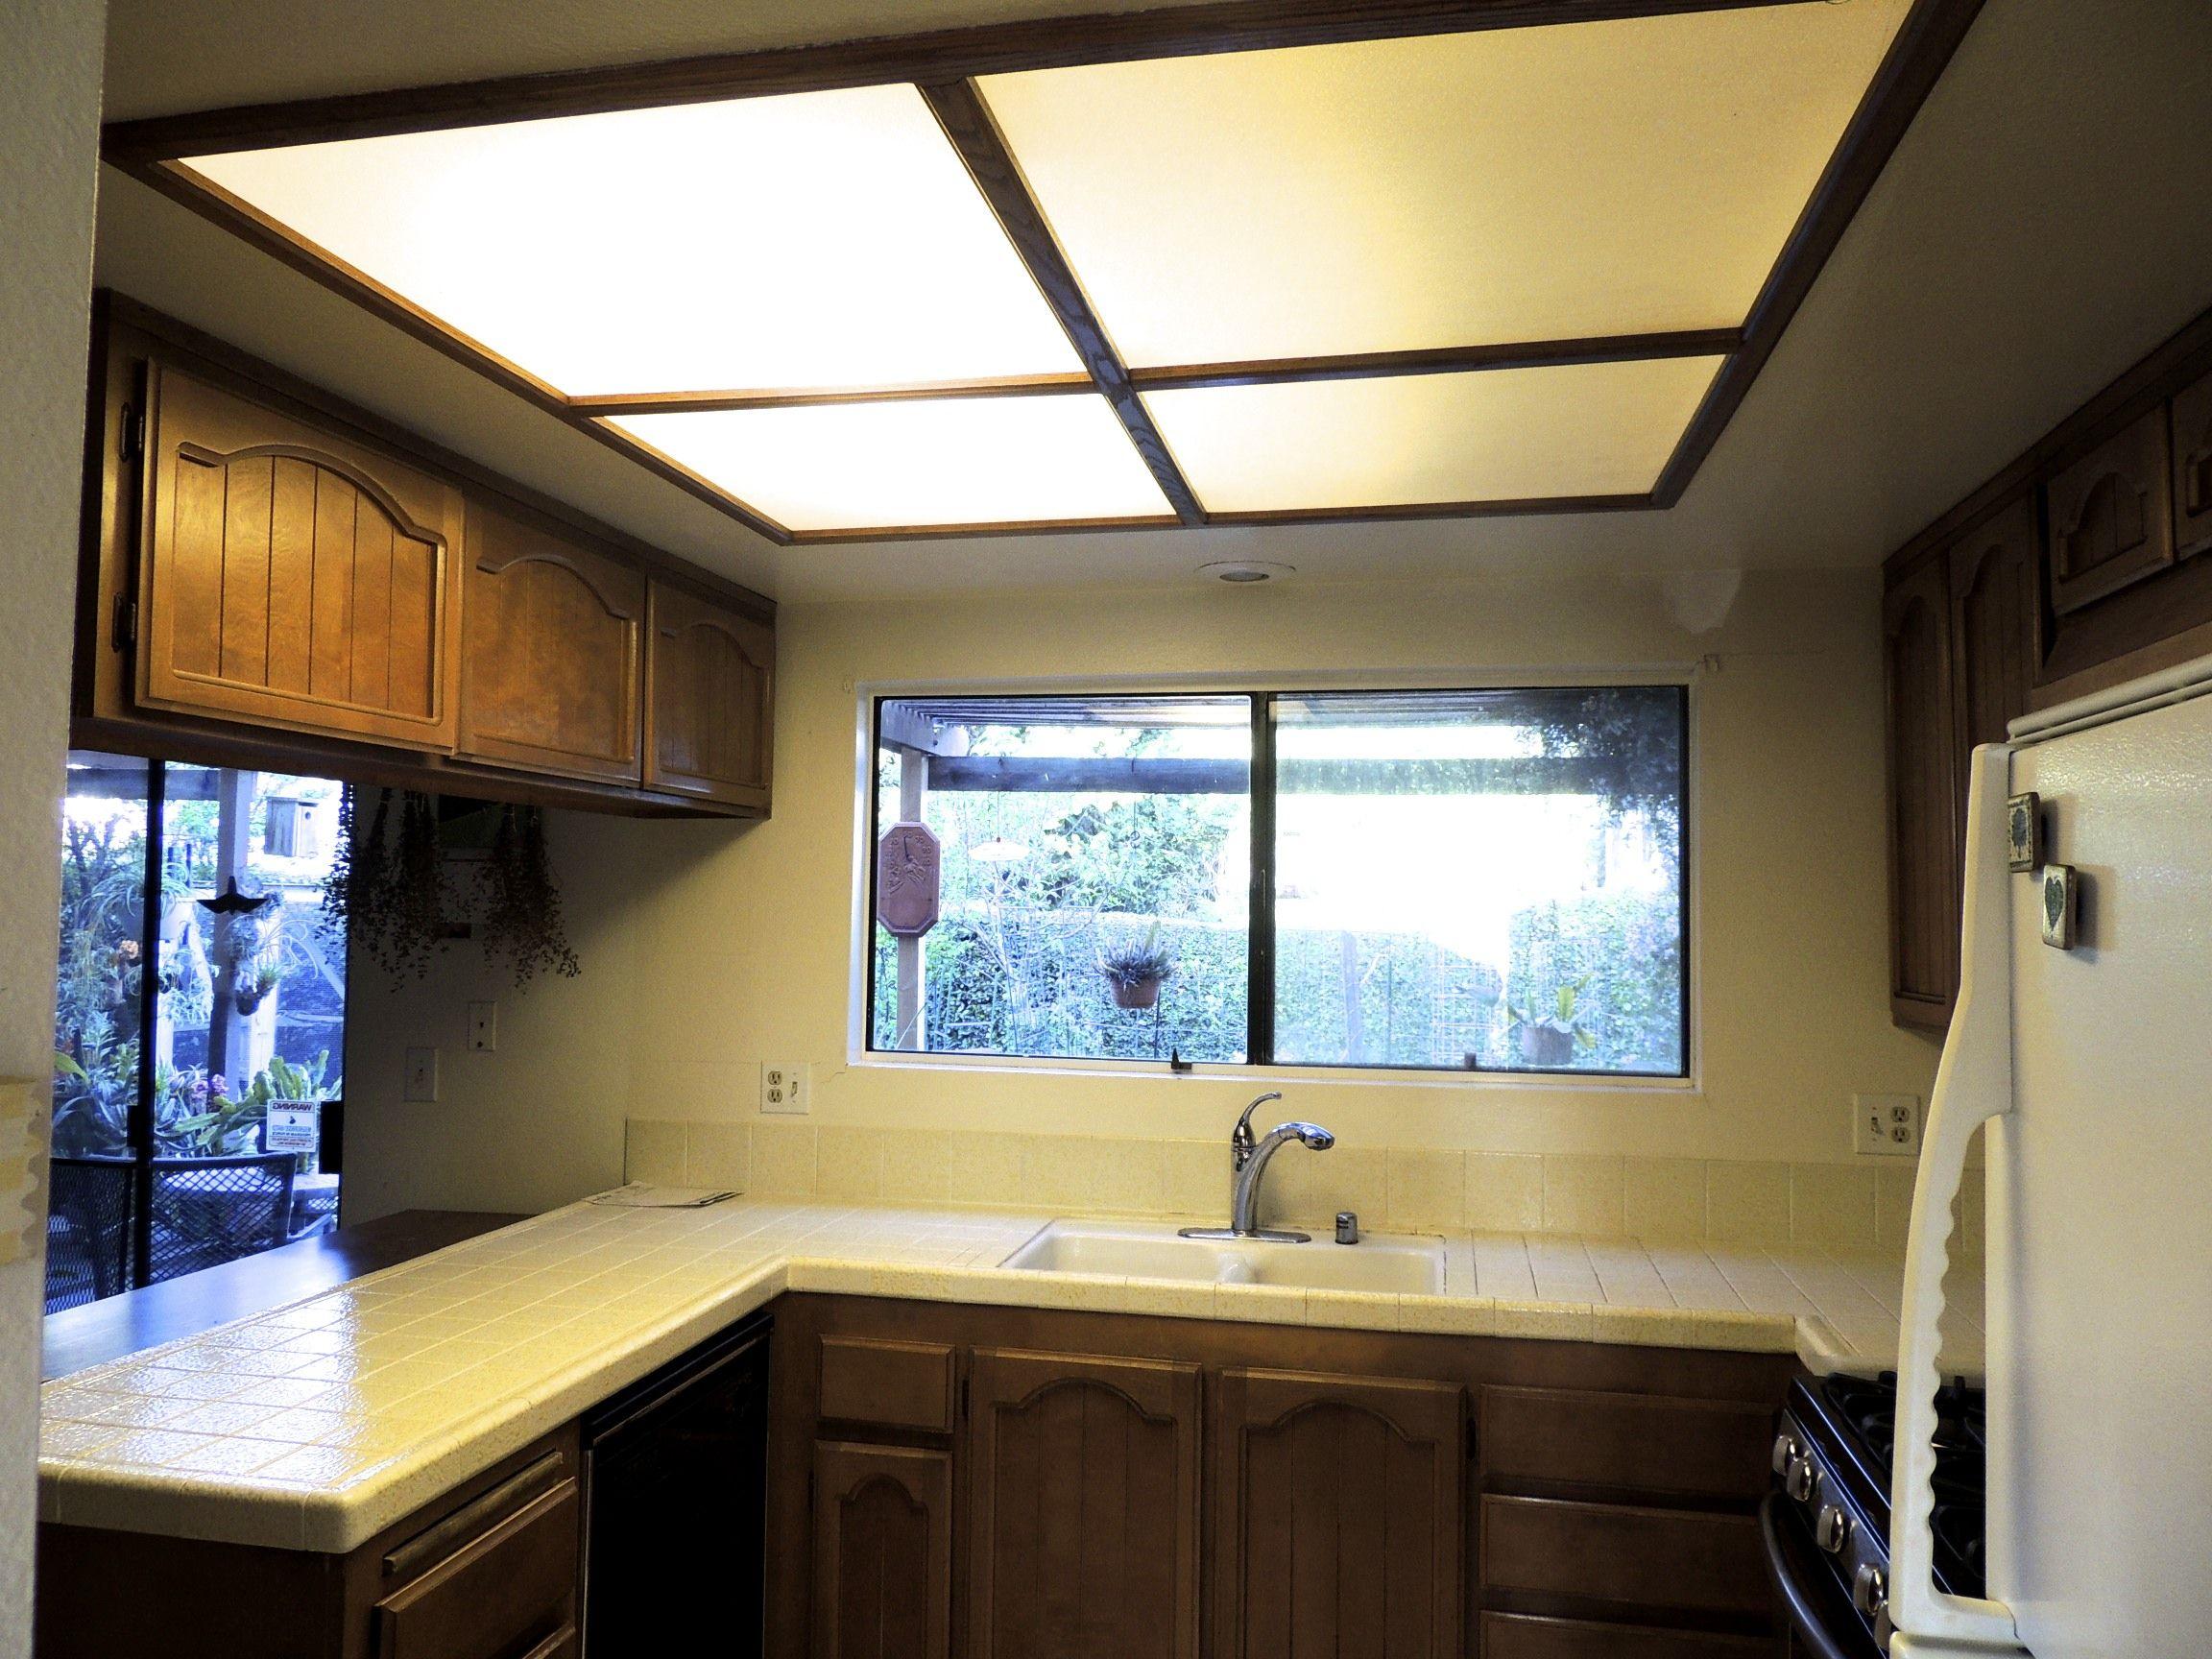 Moderne Leuchten Mit Leuchtstoffrohren Zum Verkauf T Licht Befestigungen Ft Fluoreszierende Licht Deckt Lampe Leuchtsto Neonrohren Dunkle Innenraume Innenfarbe